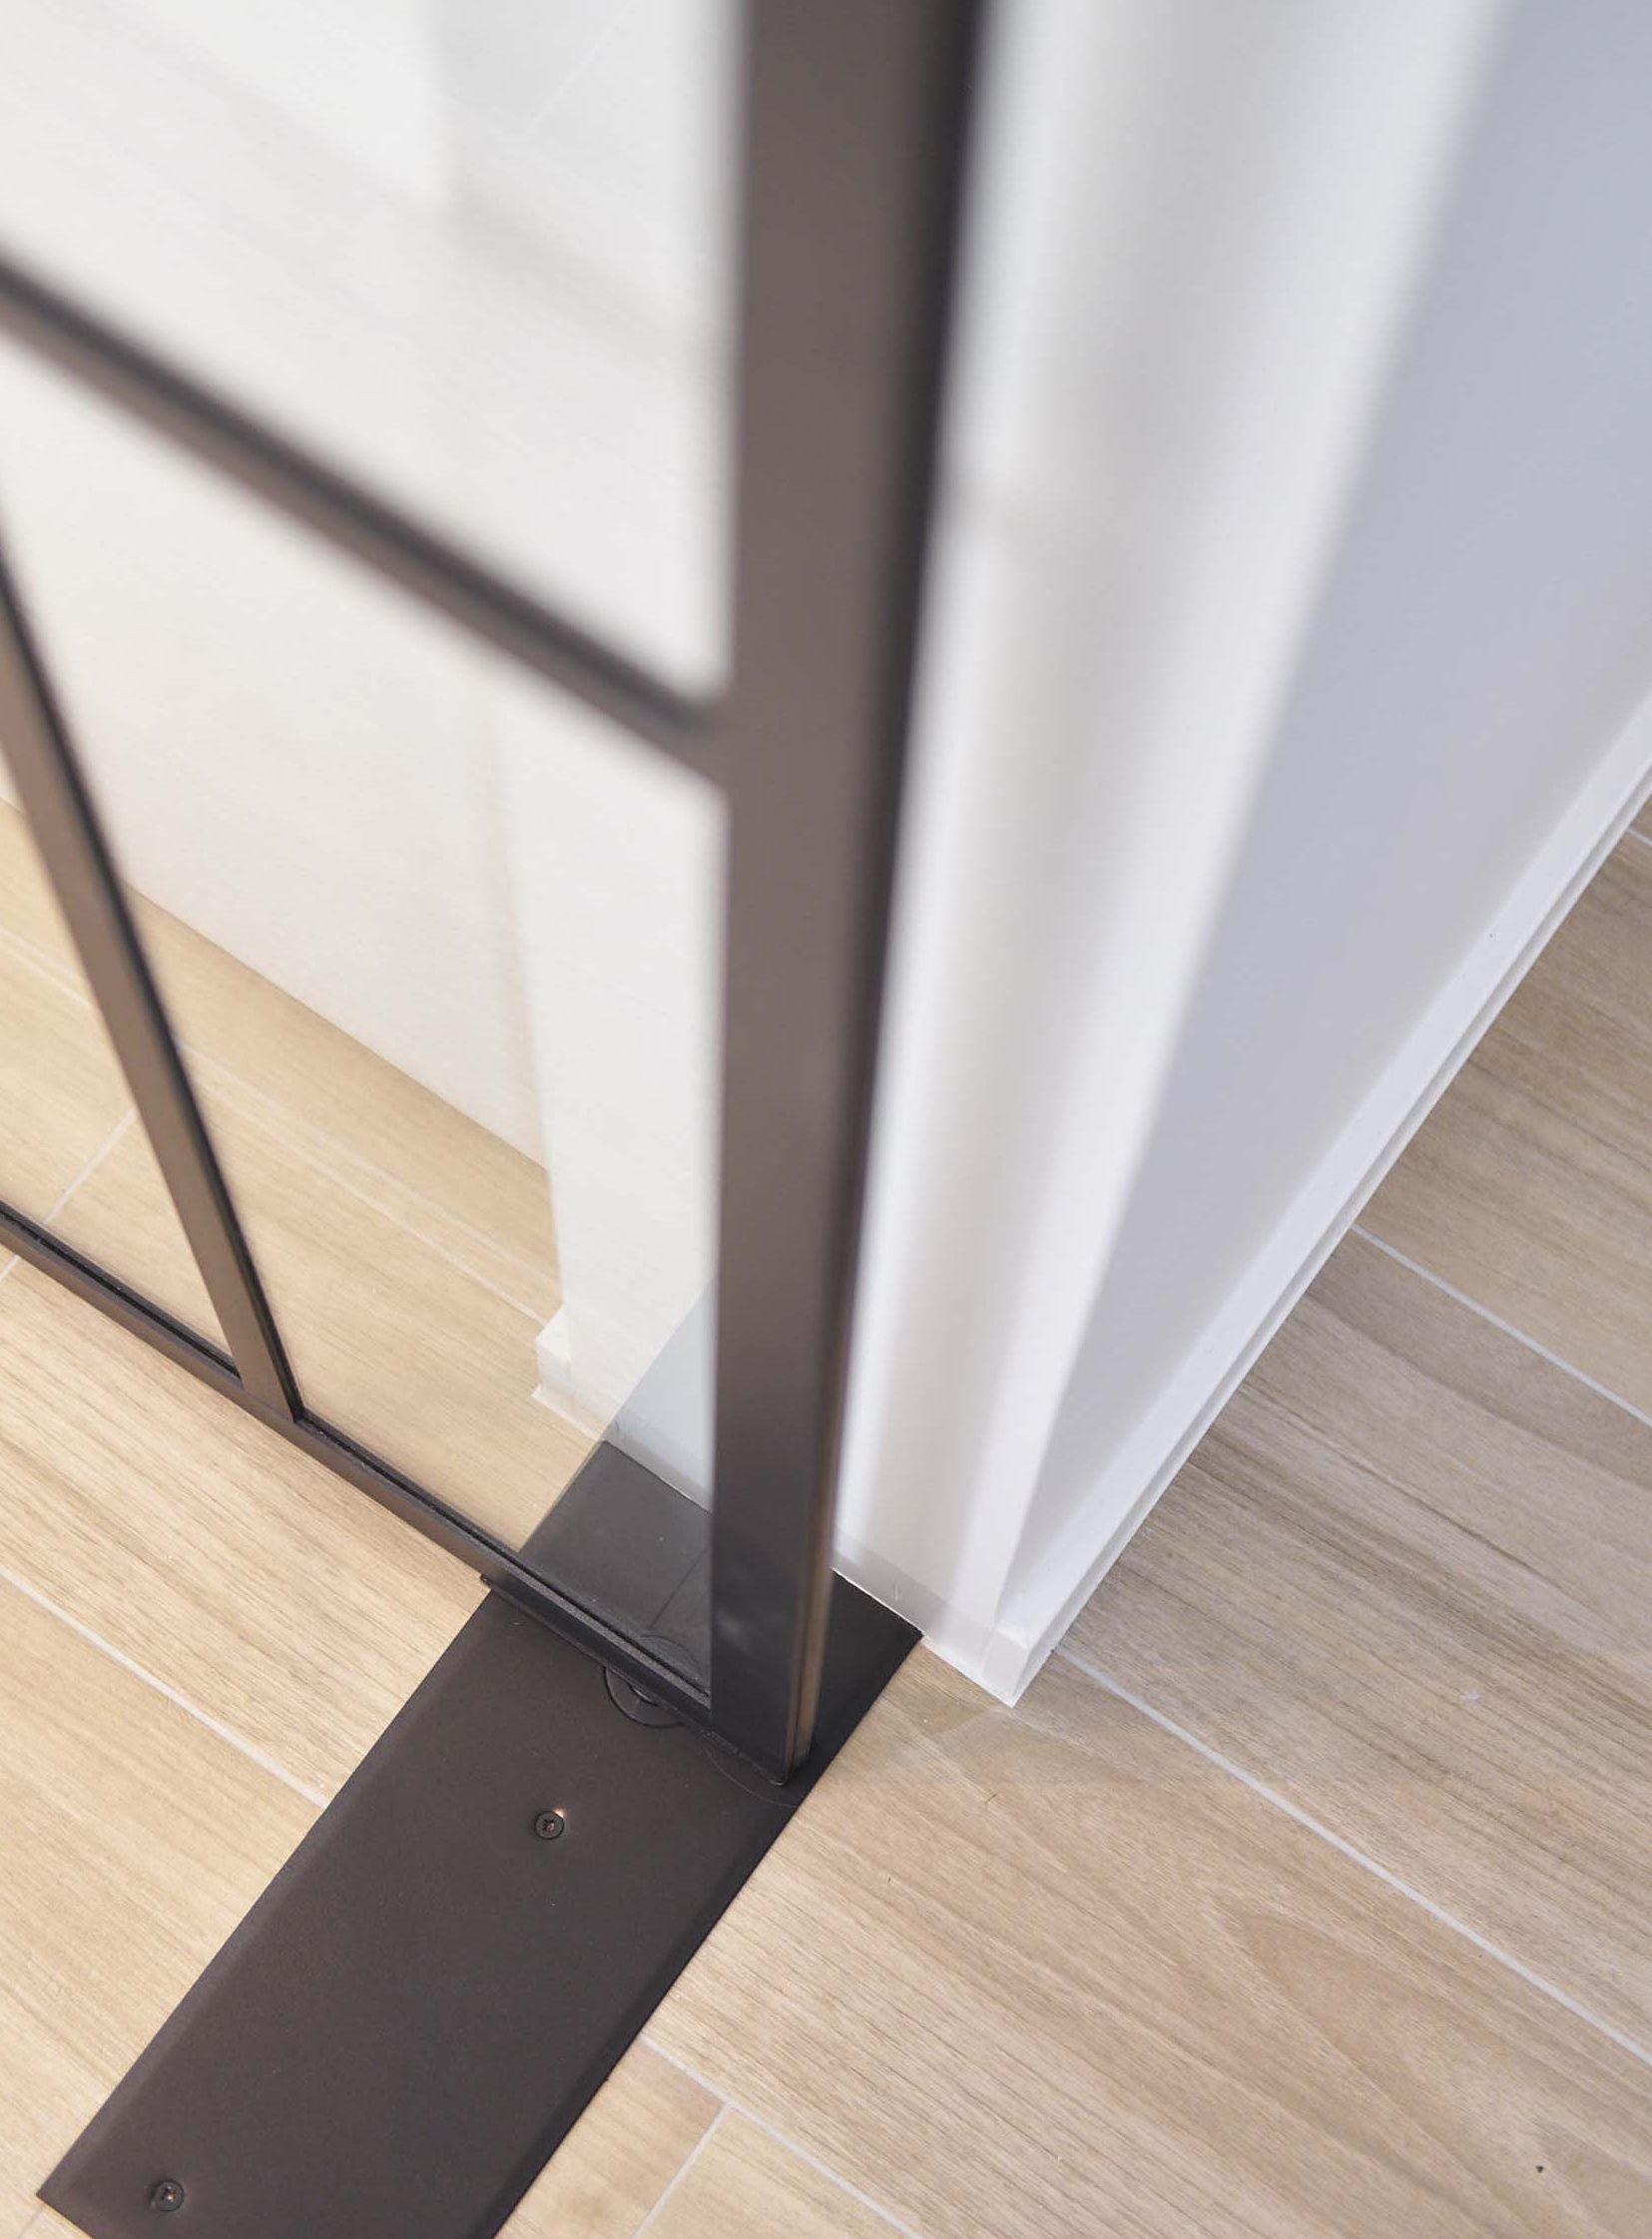 Vanda-projects-interieurinrichting-meubelmakerij-oost-vlaanderen-verfaillie-anne-vloer